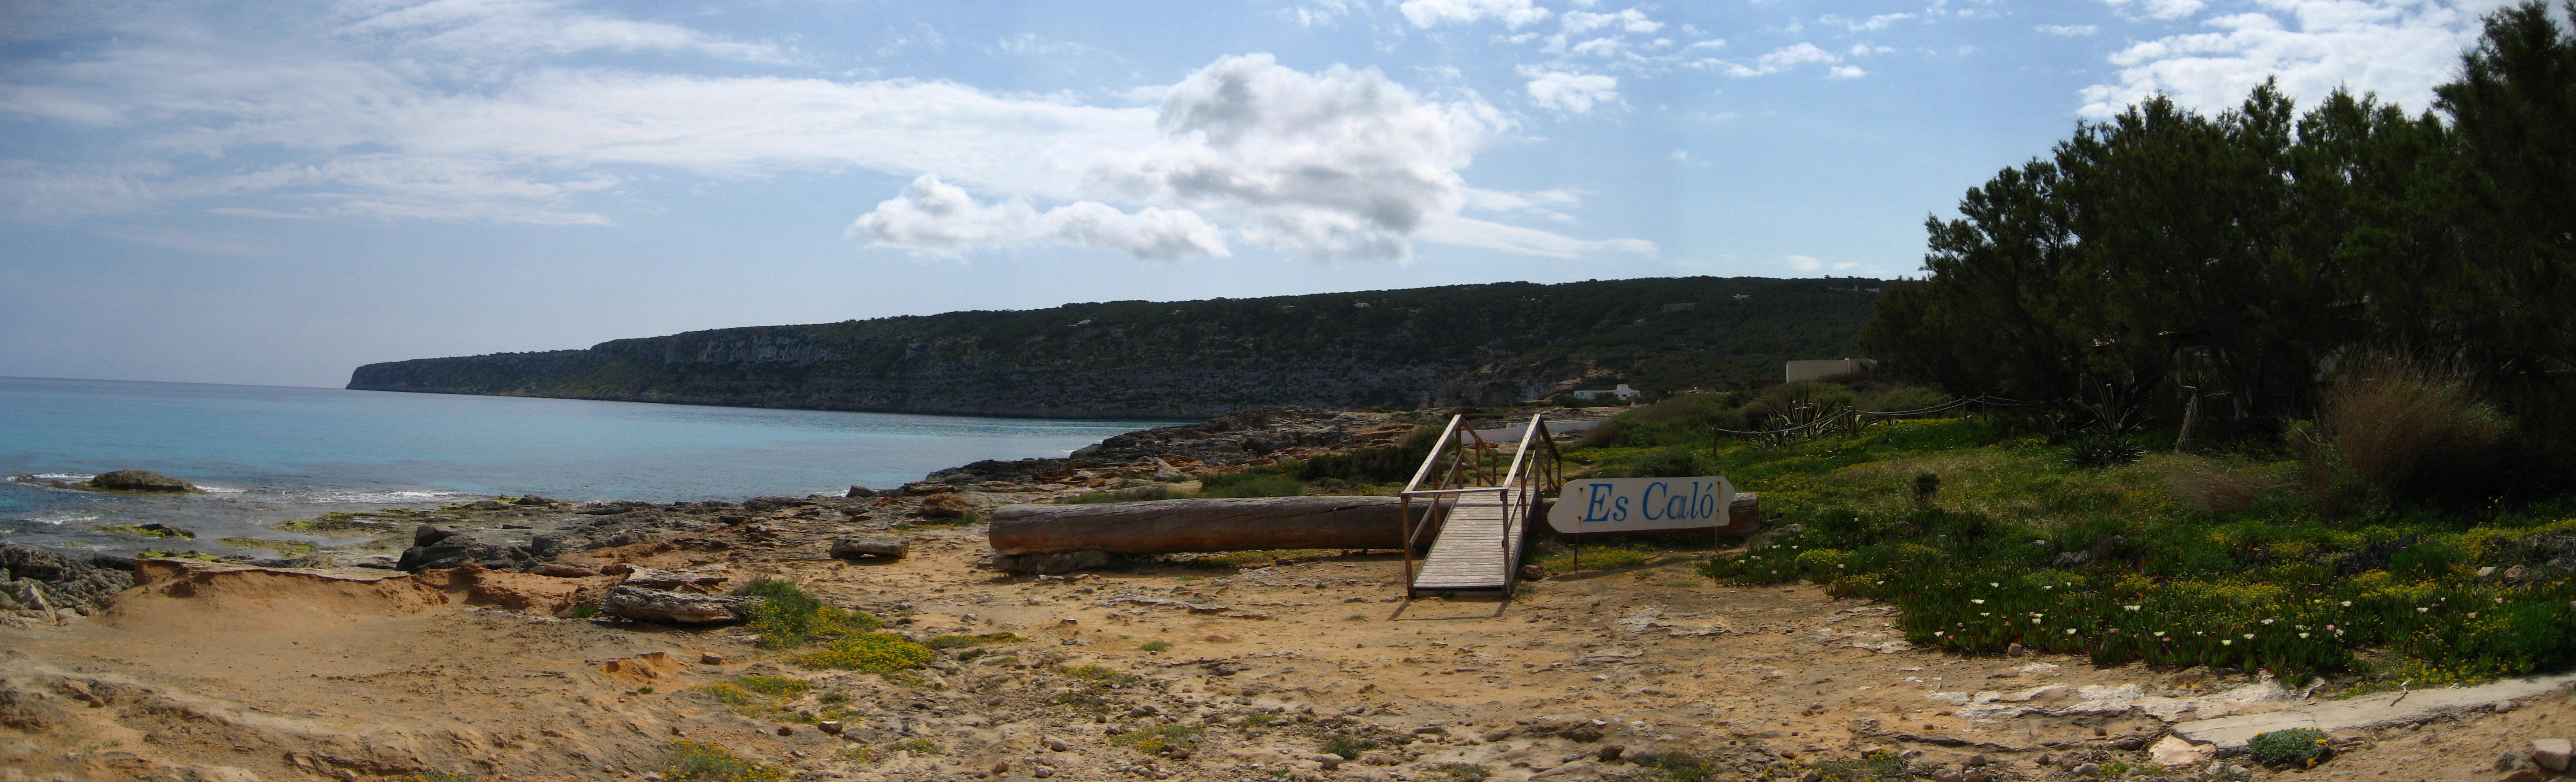 Foto playa Es Caló. Es Caló